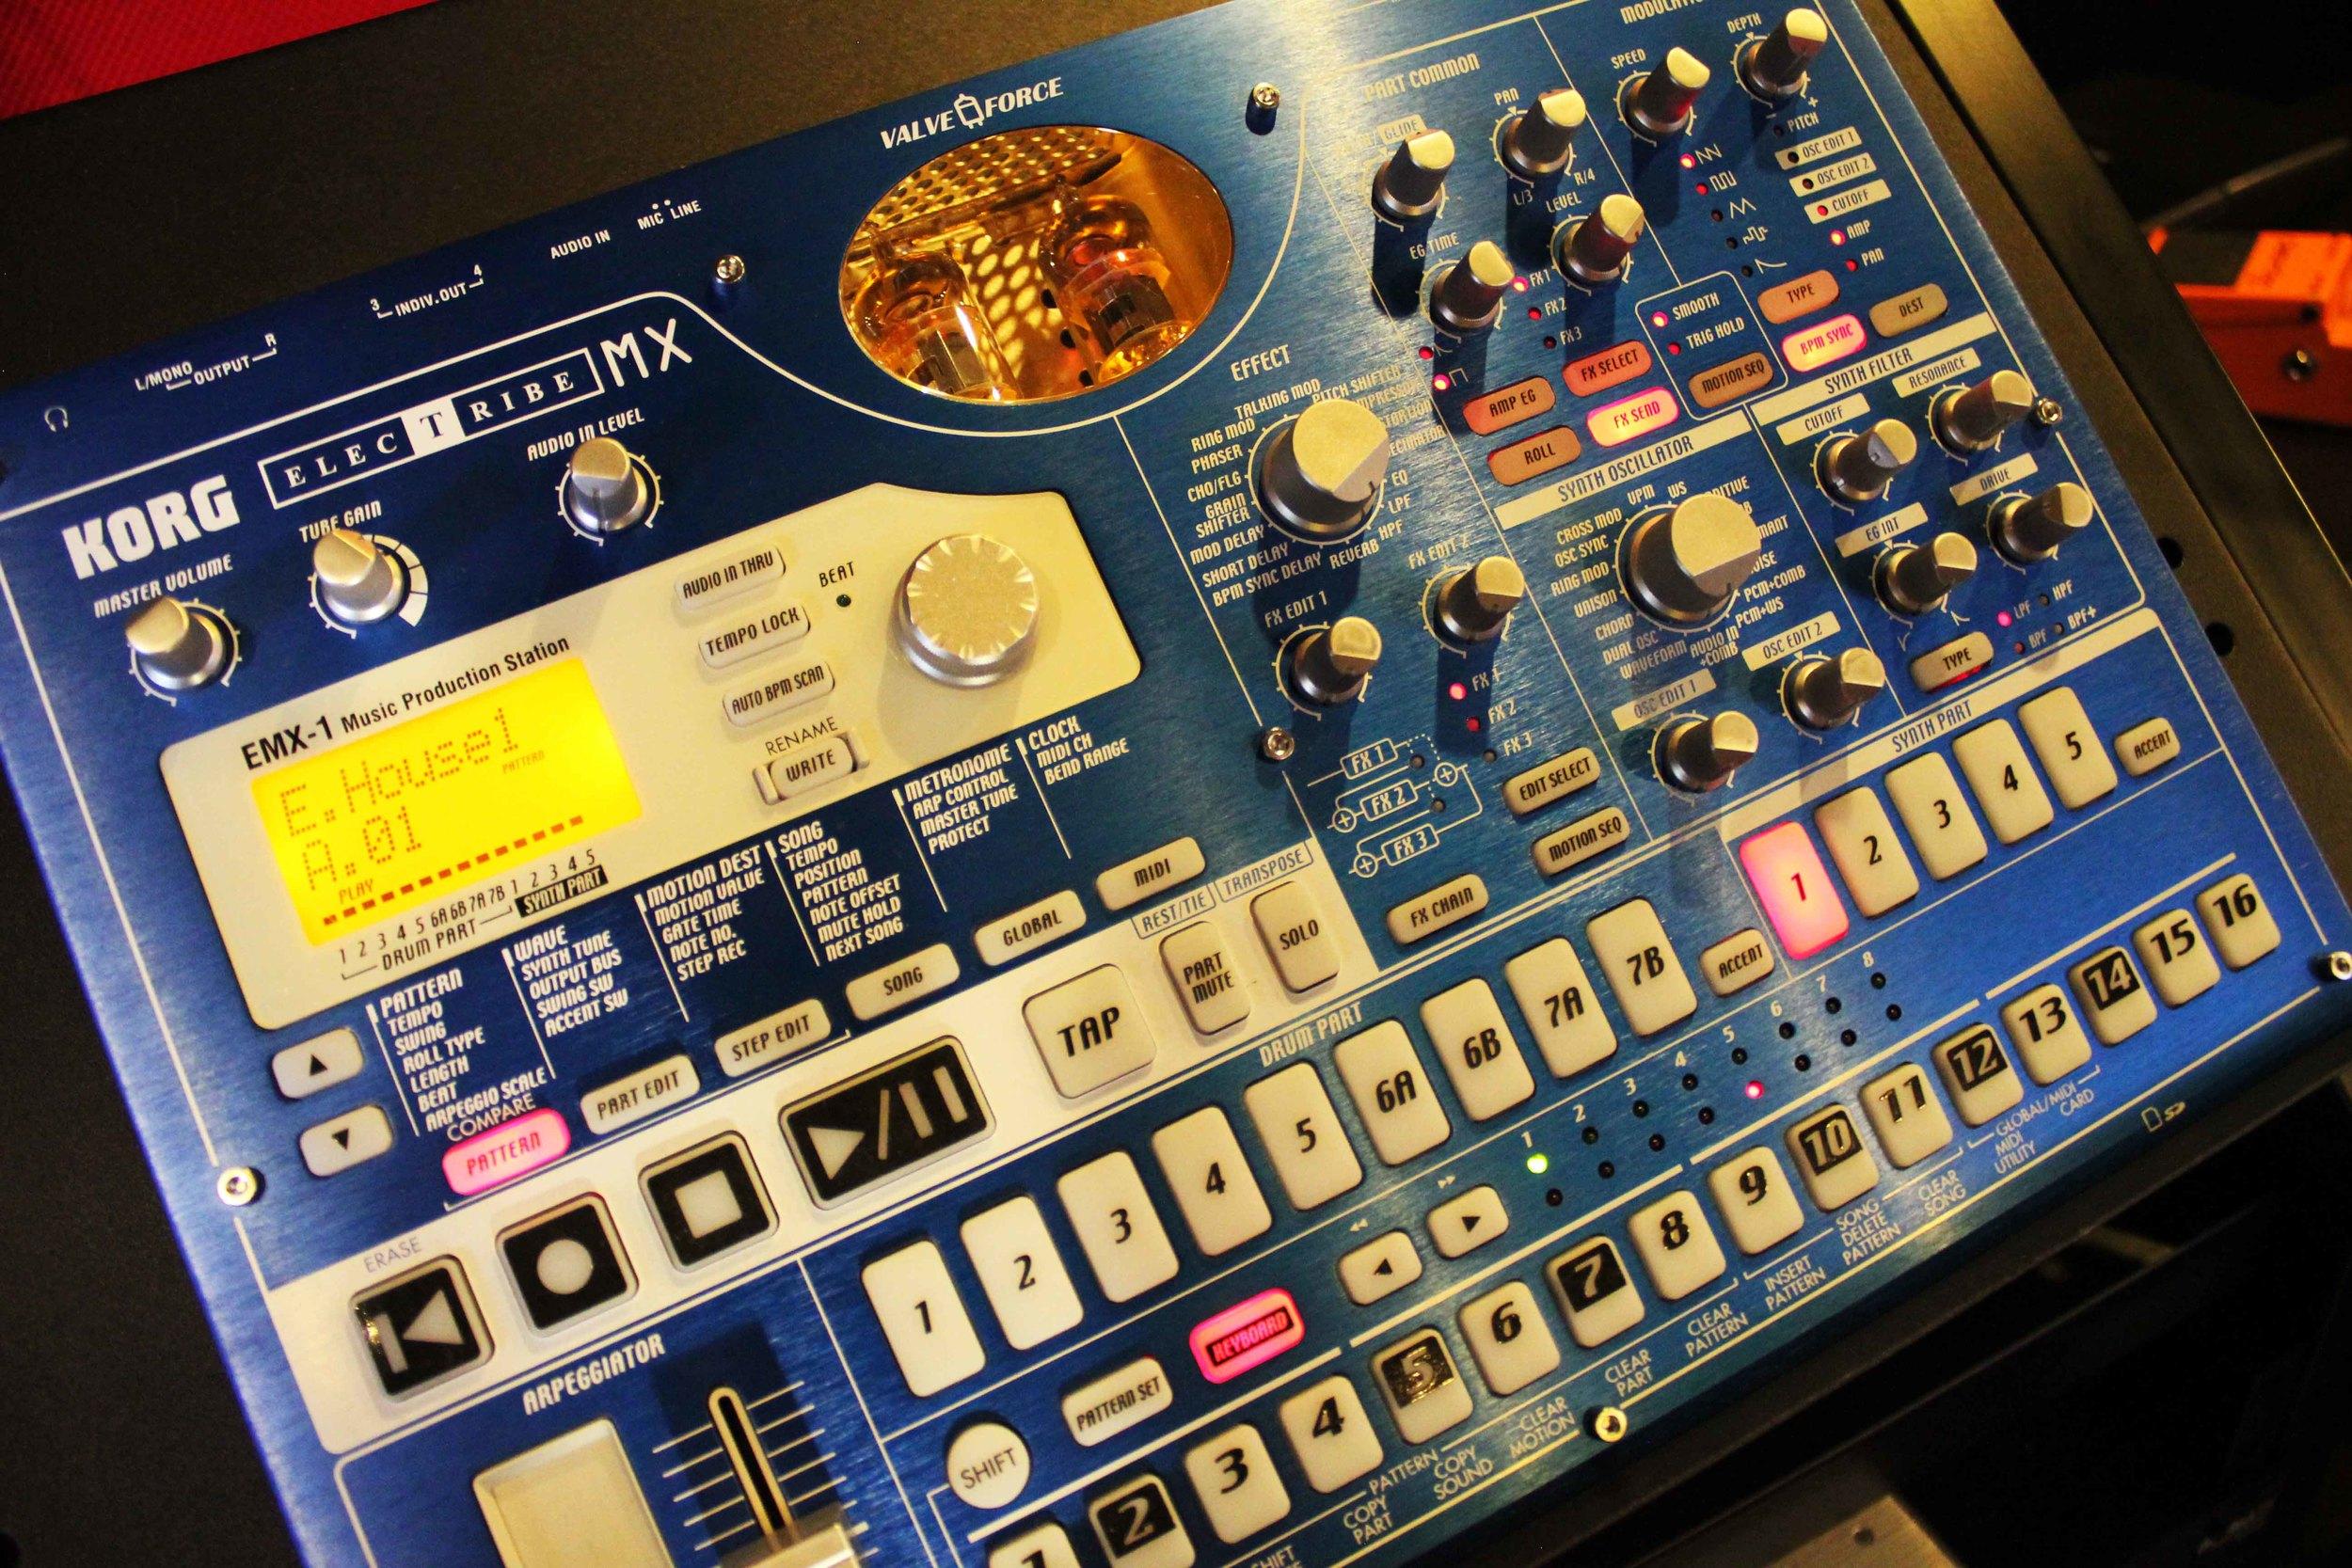 Usamos instrumentos electrónicos análogos (Roland, Korg) y Virtual Instruments (Arturia, Native Instruments, Proppellerheads, U-he)